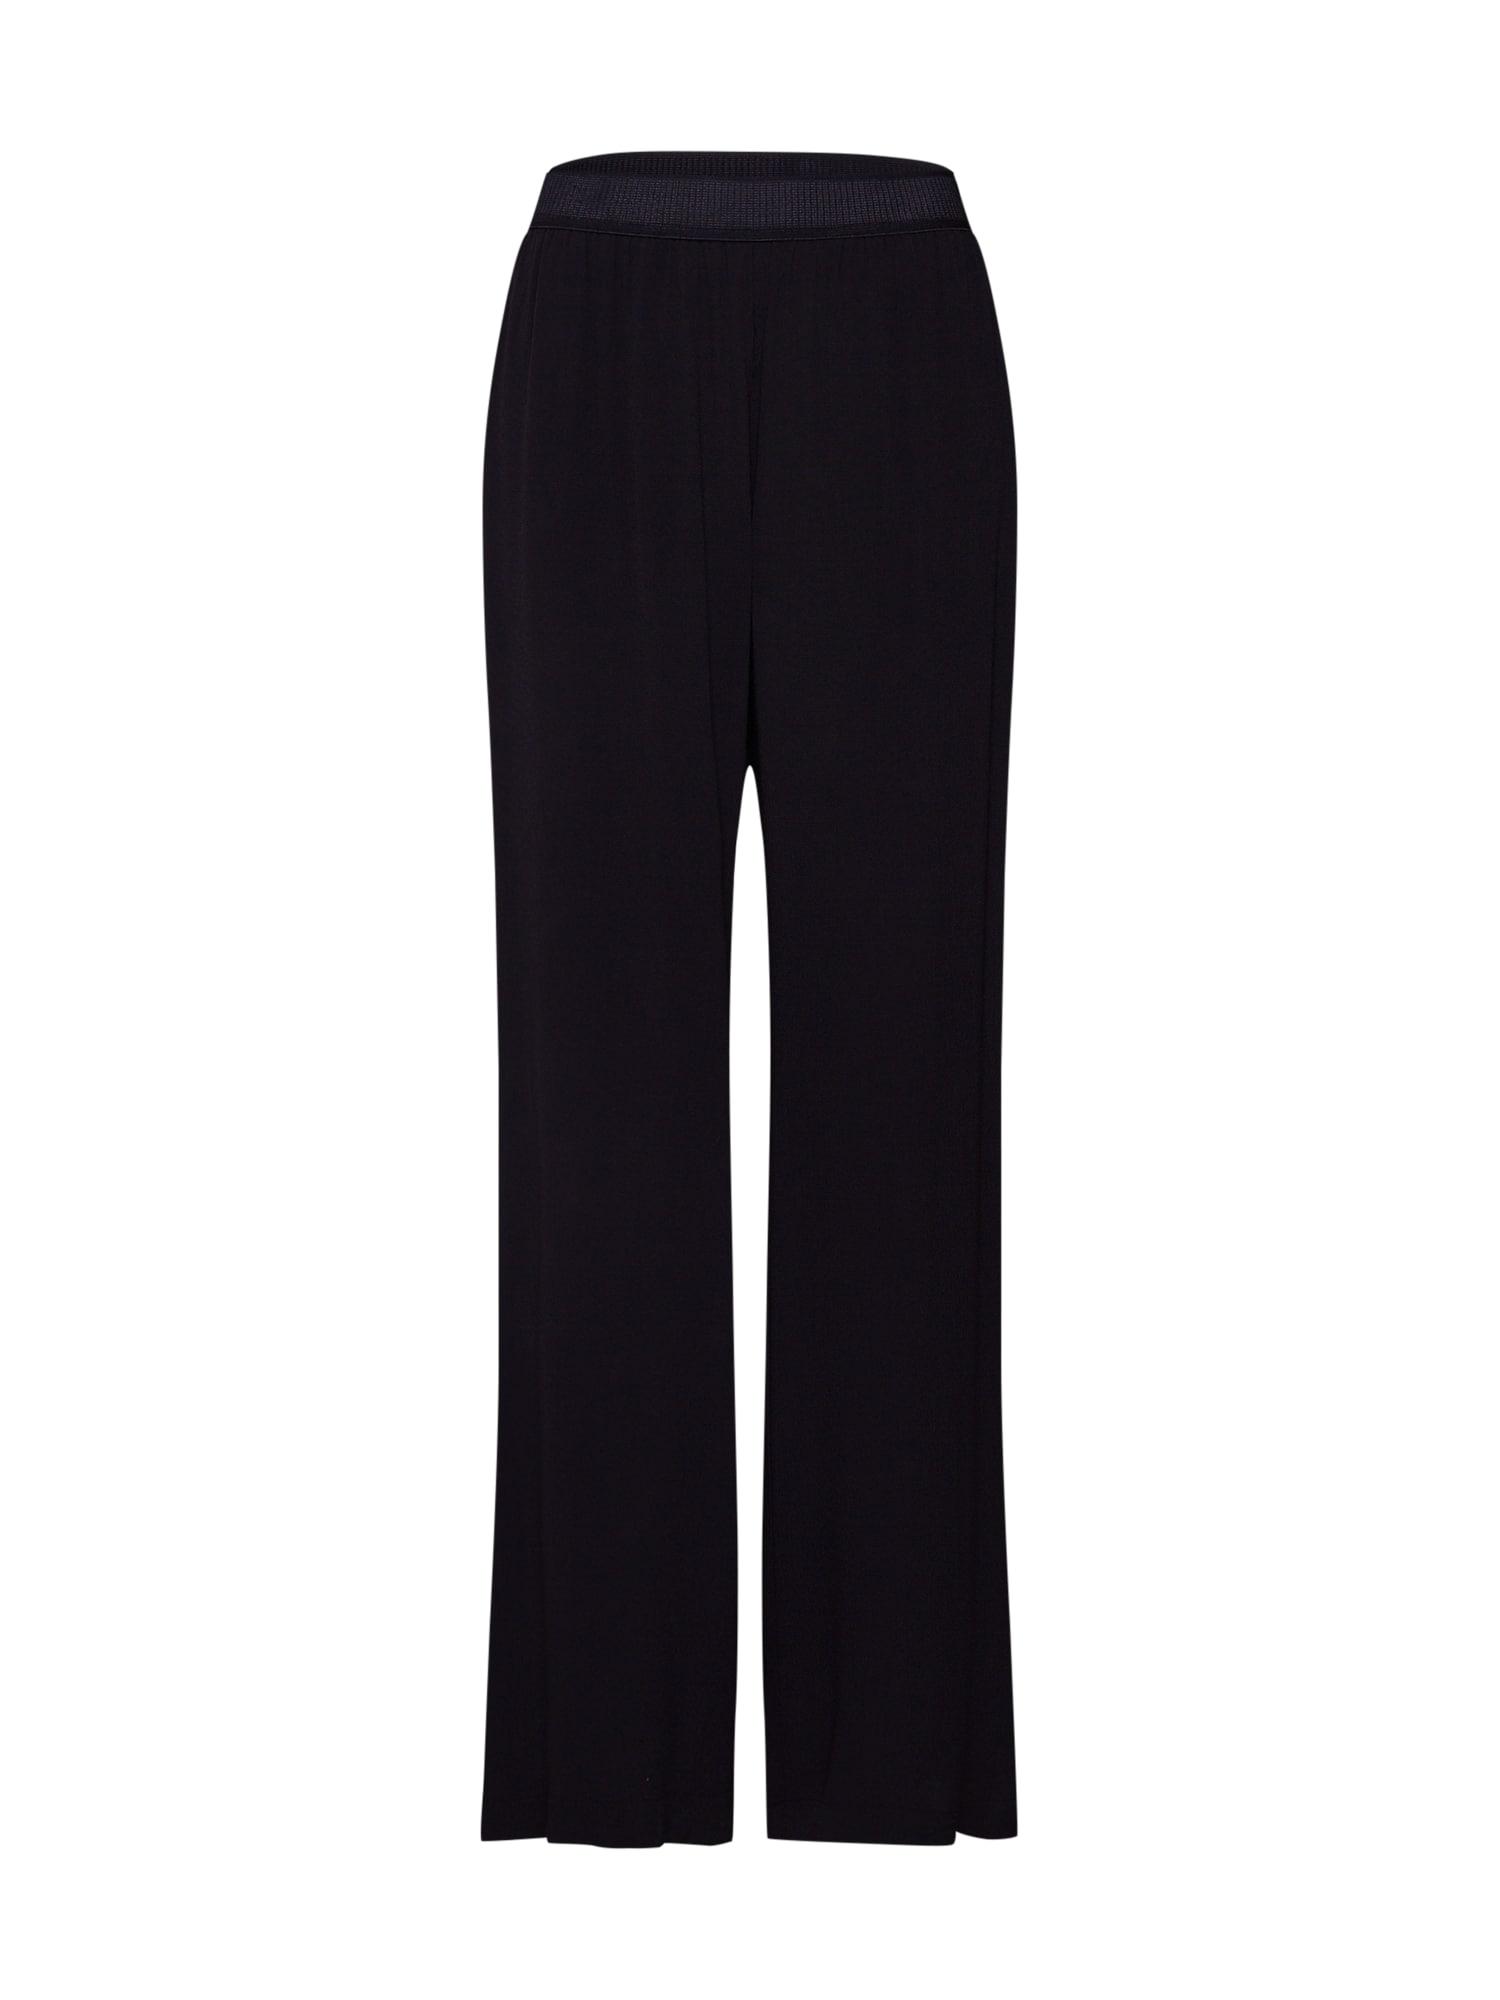 Kalhoty Nessie pants 6515 černá Samsoe & Samsoe